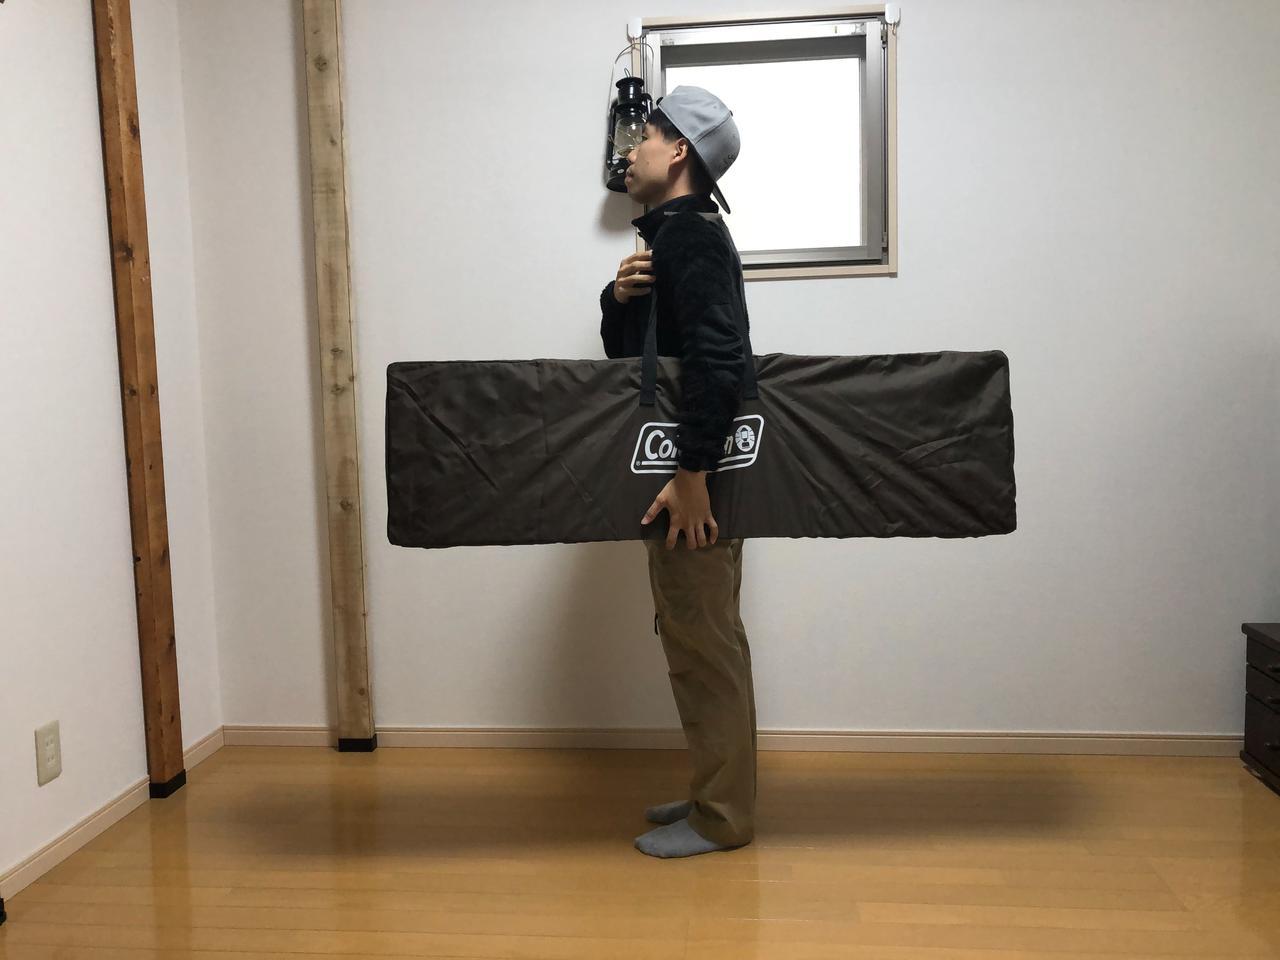 画像: 筆者撮影 バタフライテーブルは折りたたむことができます。